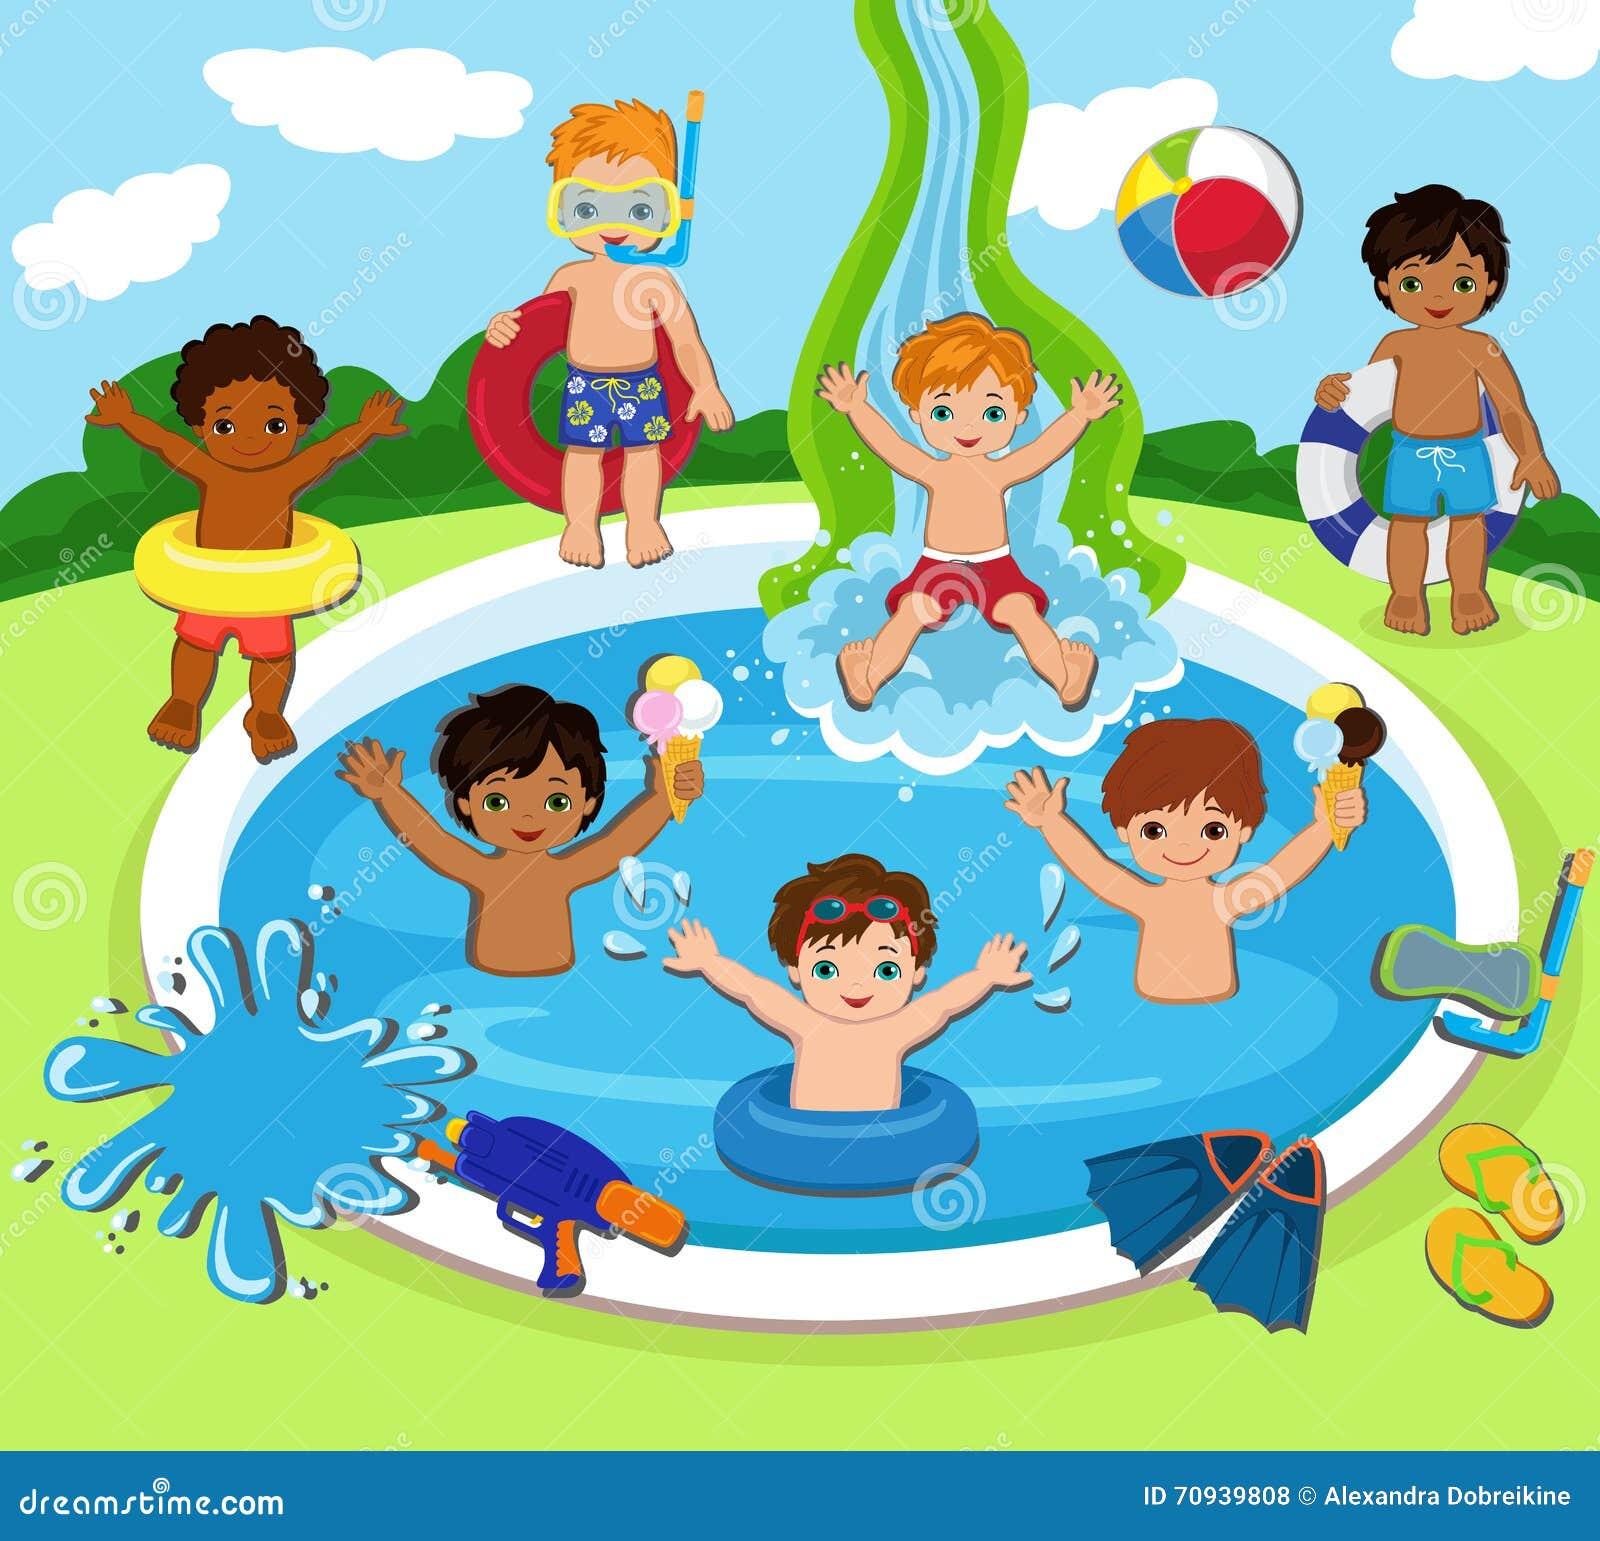 Illustration von den kindern die eine pool party haben for Party in piscina